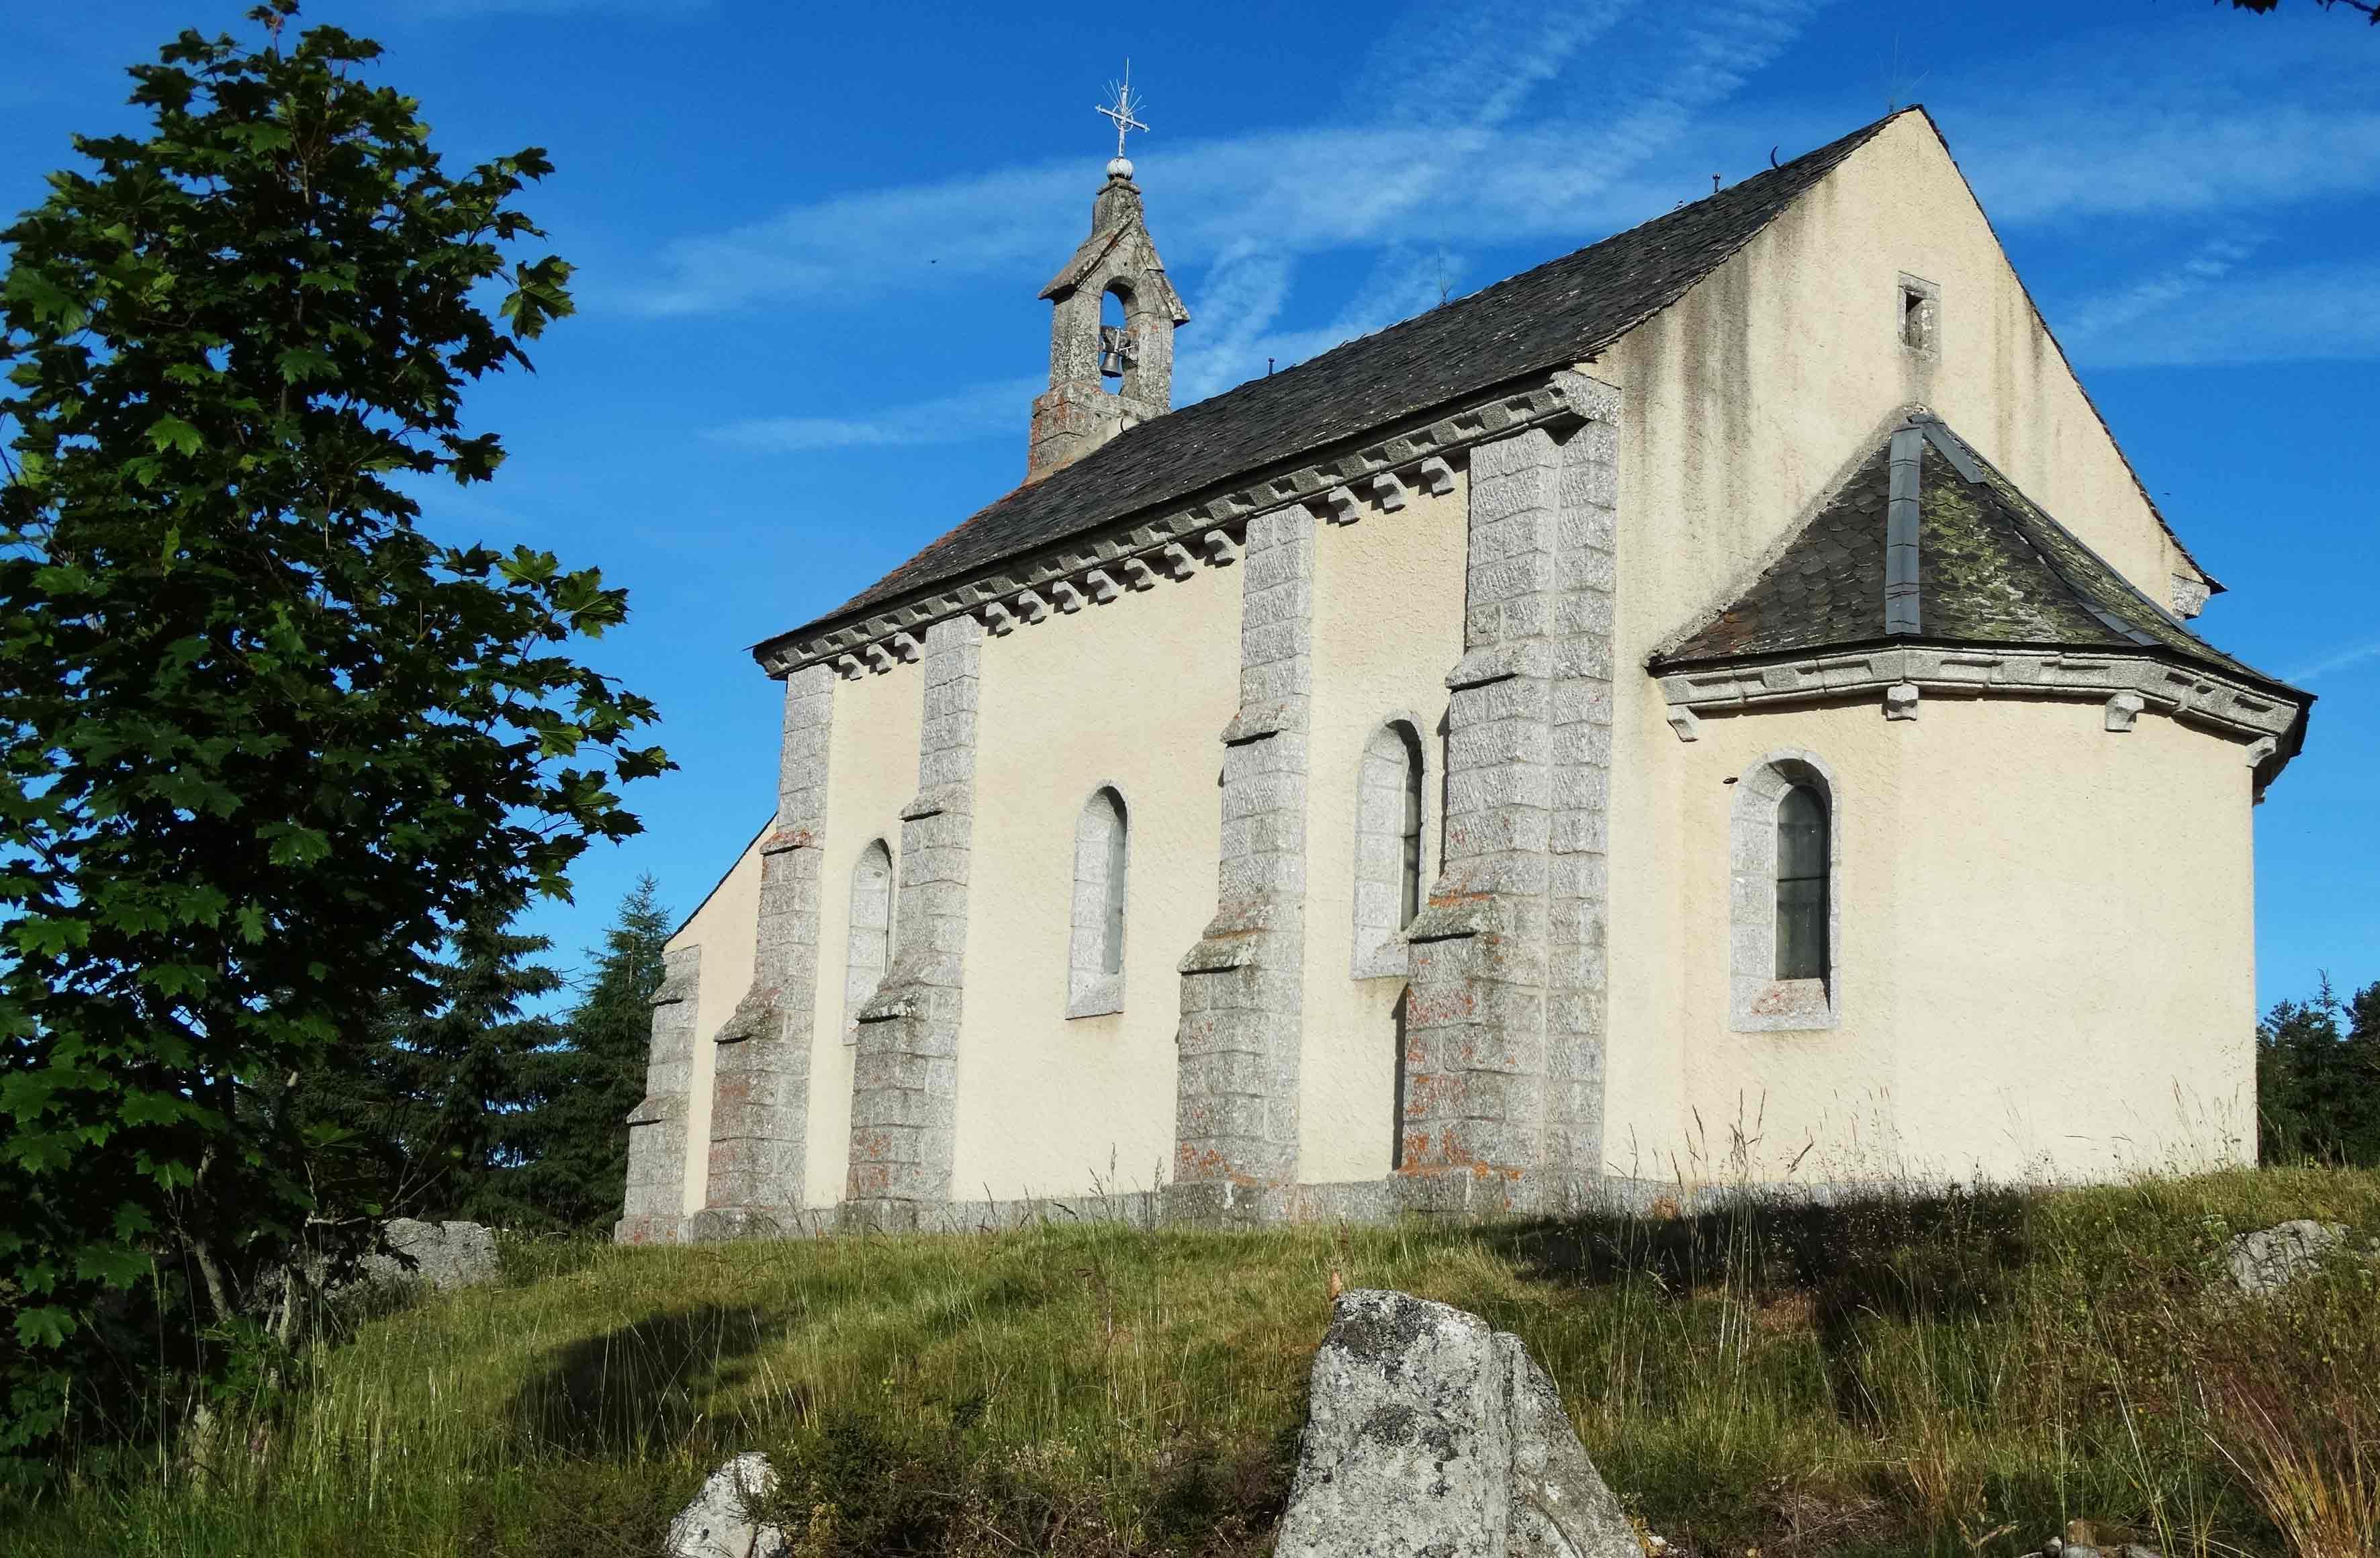 Eglise saint roch sur le chemin de compostelle unkm pied - Jardin sauvage st roch l achigan colombes ...